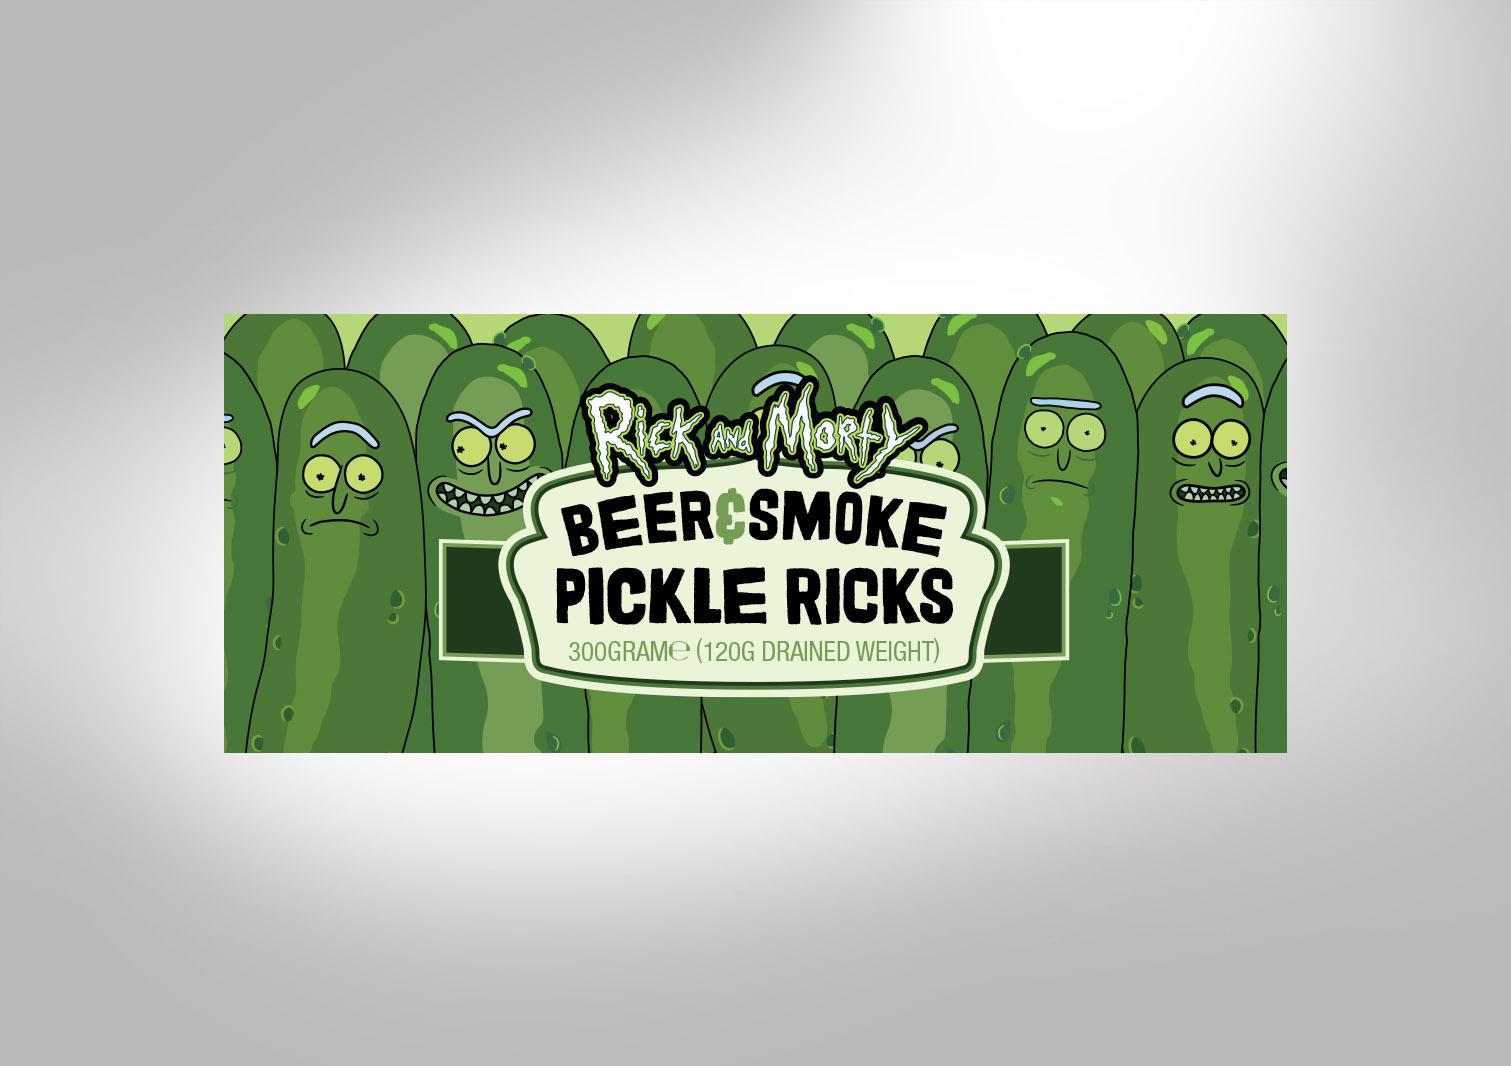 Beer & Smoke Pickle Ricks Labeled Jar